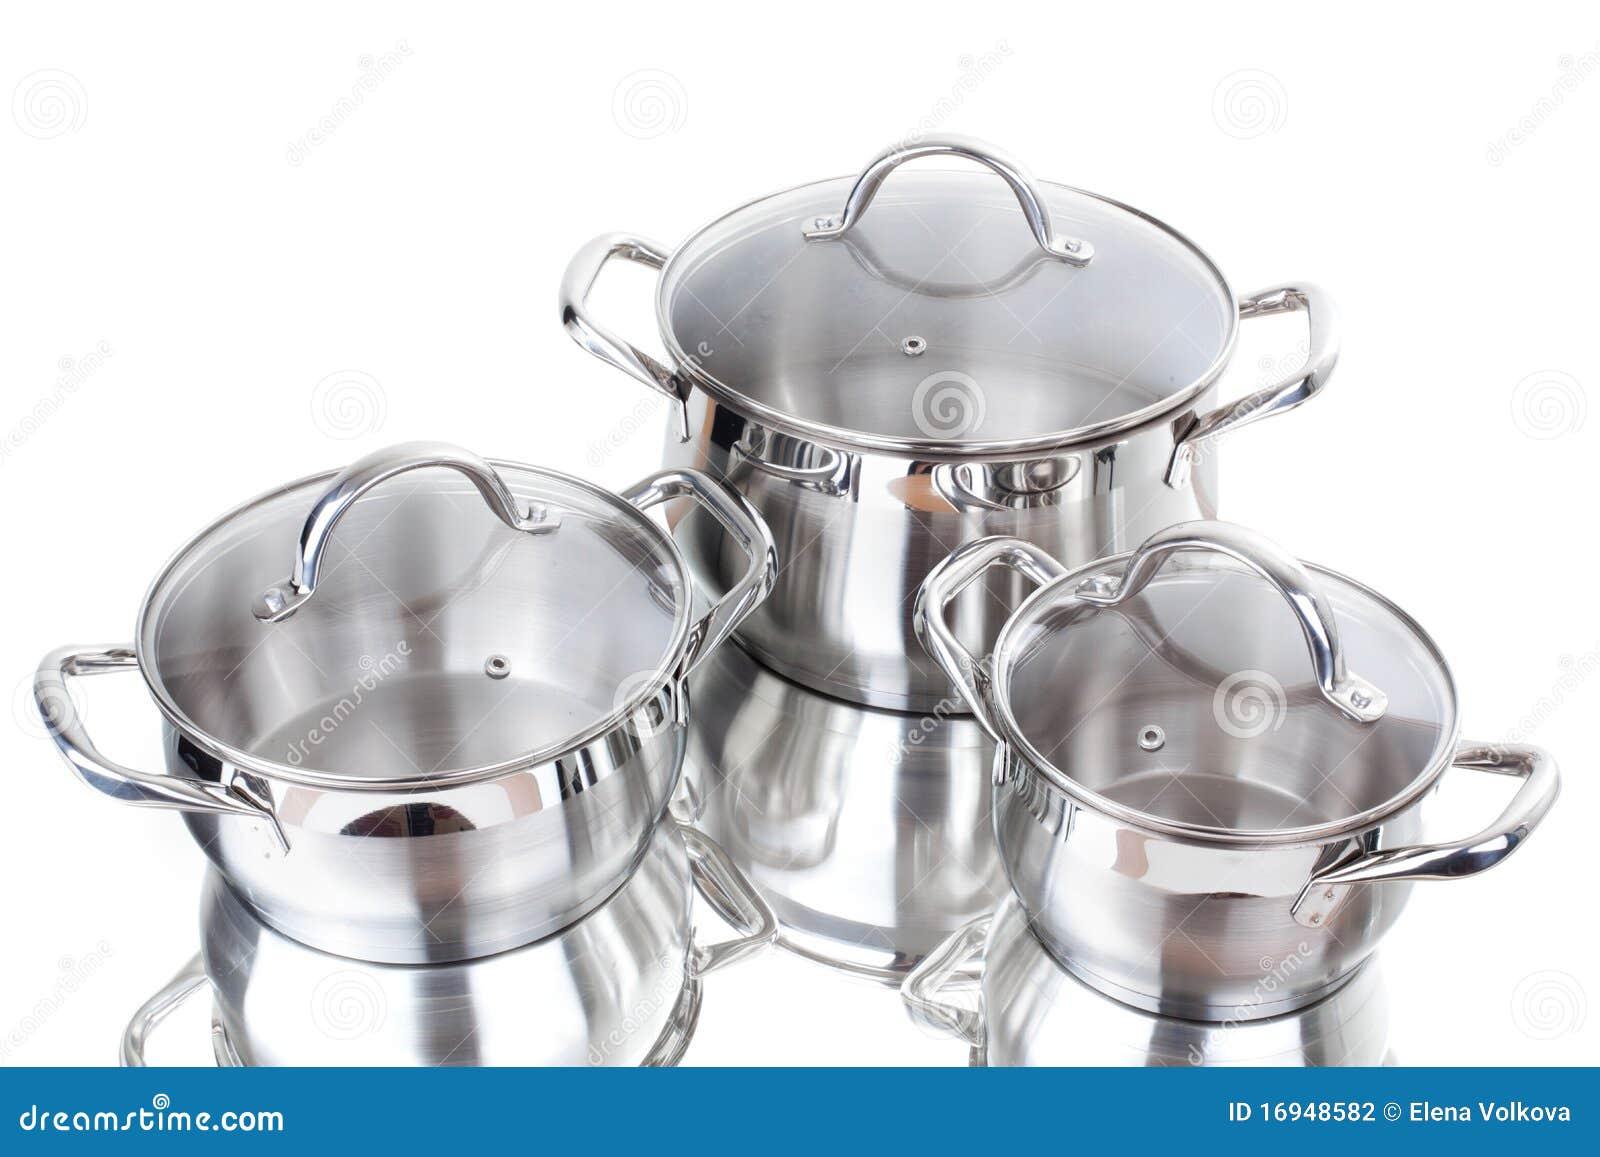 Série d images des articles de cuisine. Carter